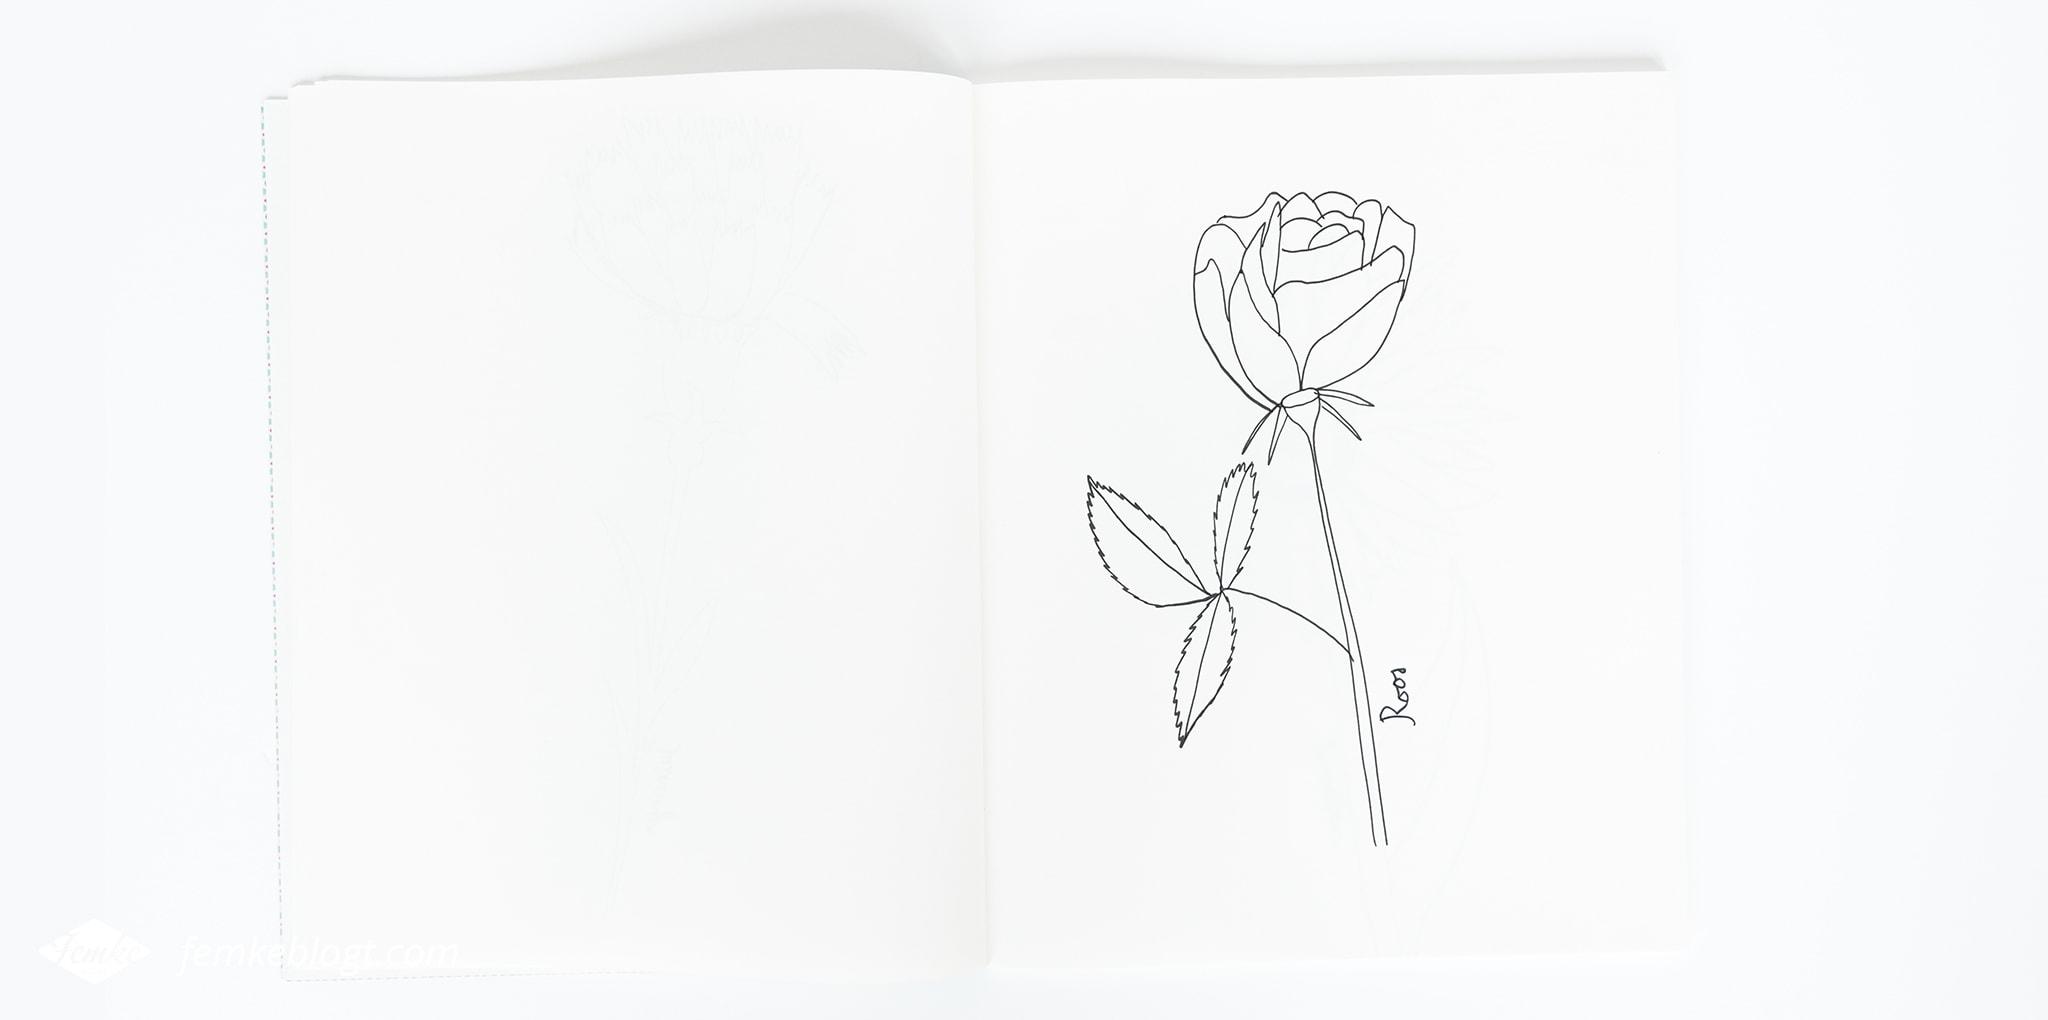 Verwonderlijk 31 Dagen bloemen #9 - Roos tekenen – Femke blogt HT-26